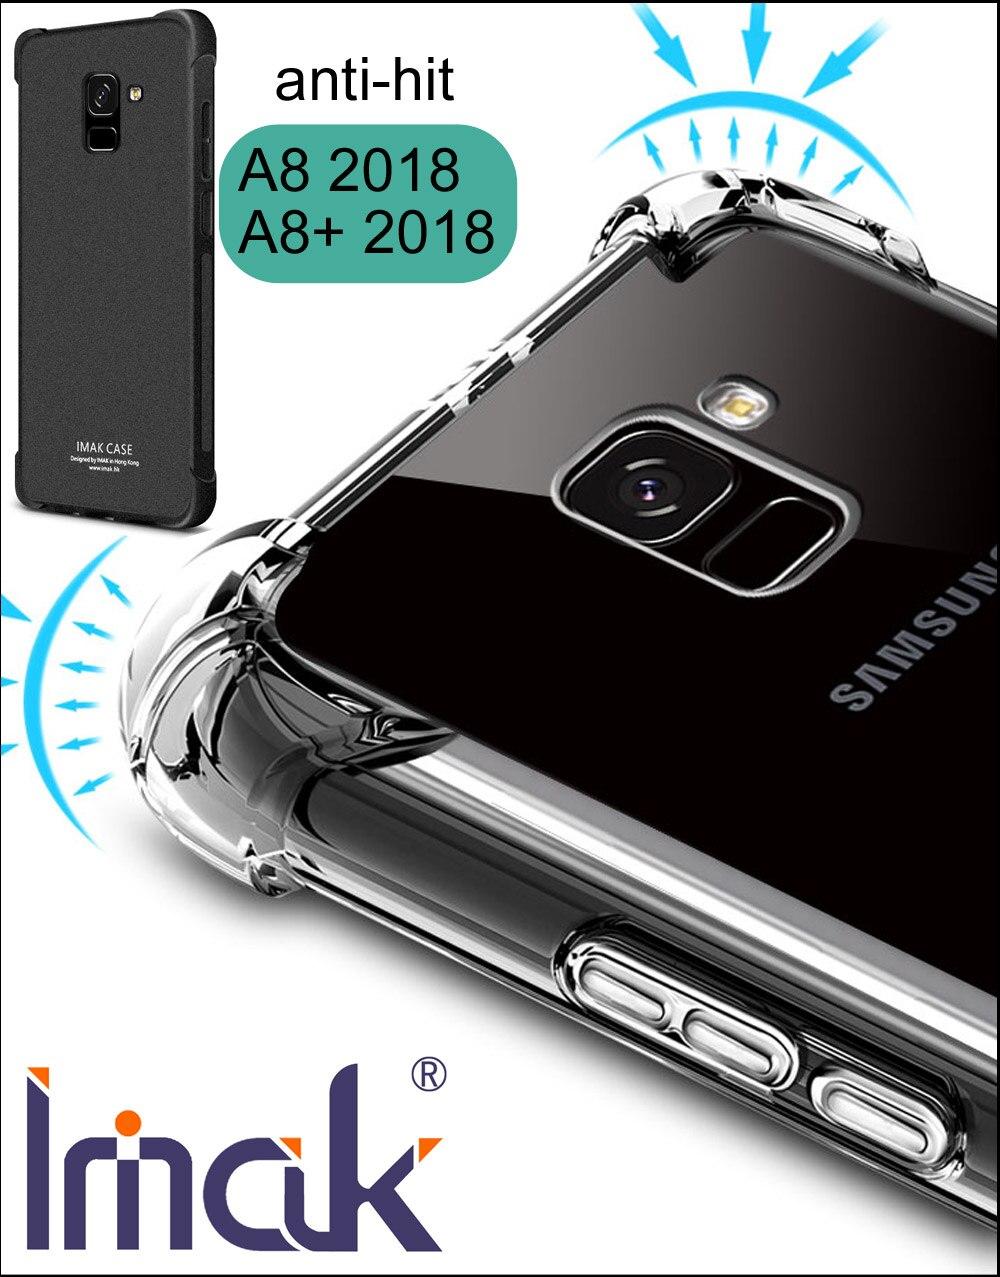 IMAK Airbag Cas Pour Samsung Galaxy A8 2018 A530F A8 Plus A730F Baisse résistance anti frappé Choc Tpu Silicone couverture